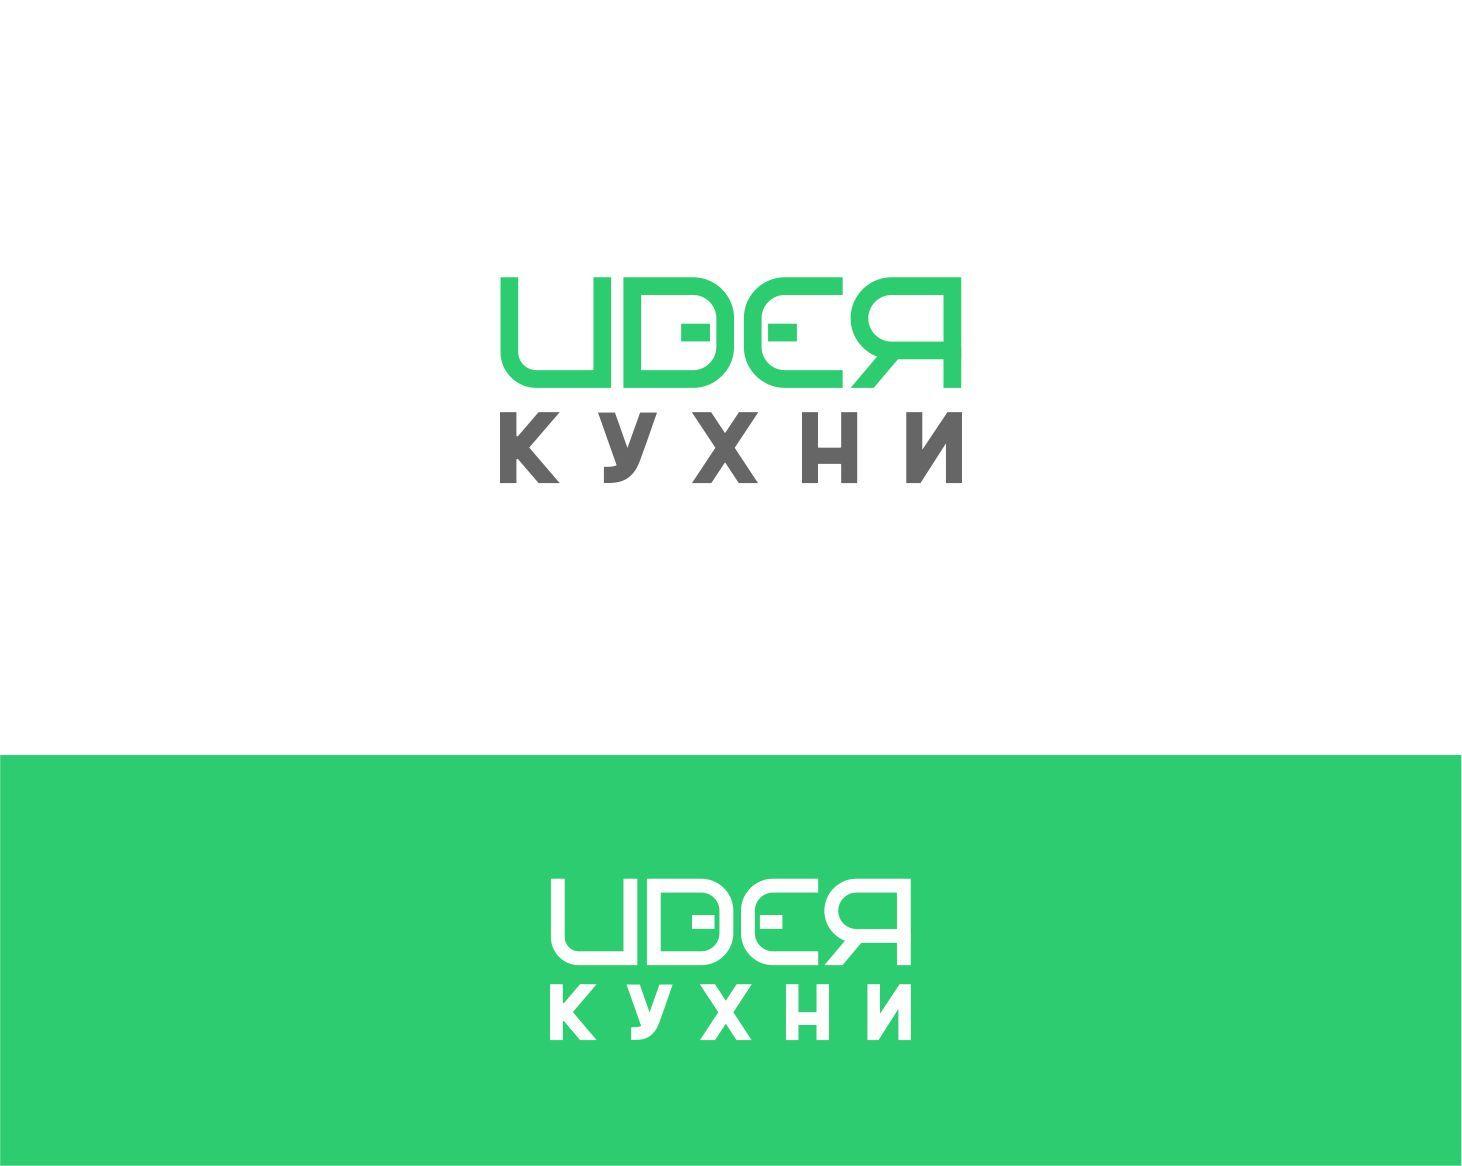 Логотип для Идея кухни - дизайнер georgian